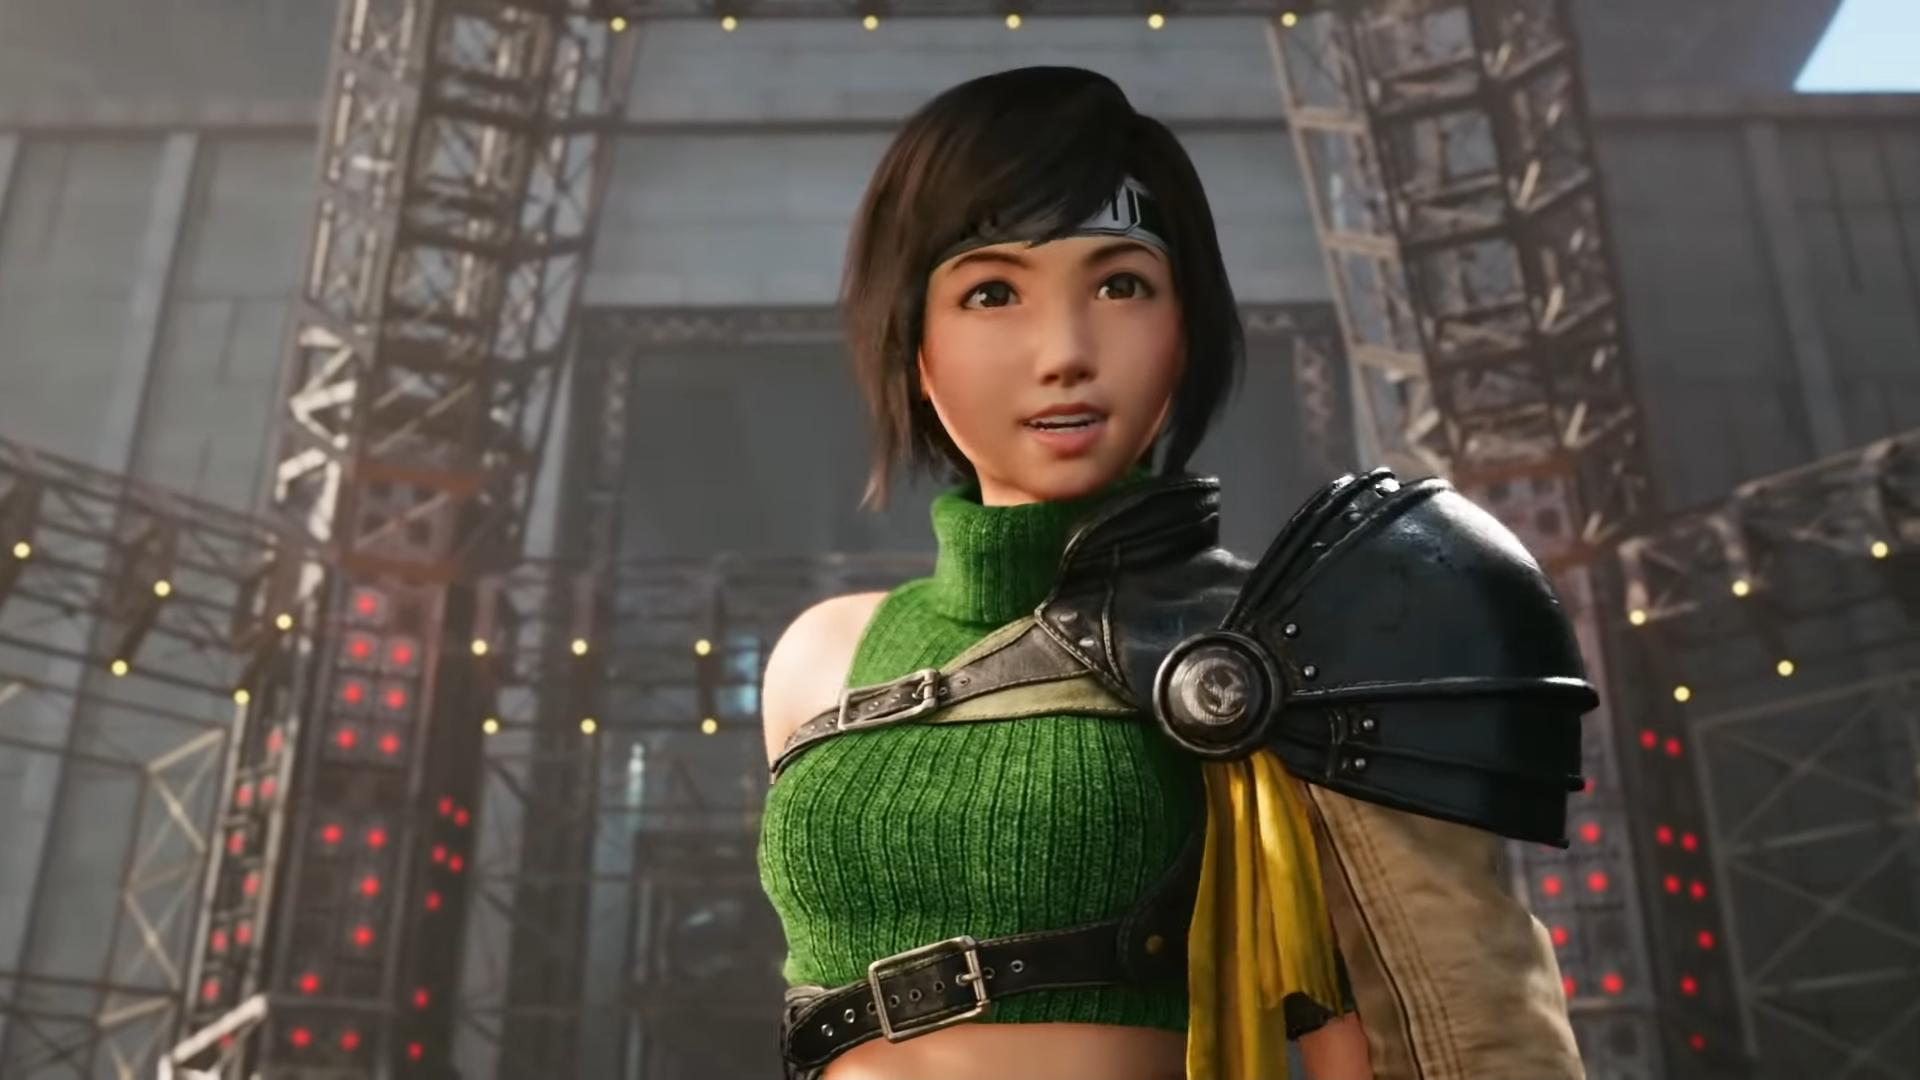 Yuffie in Final Fantasy 7: Remake Intergrade